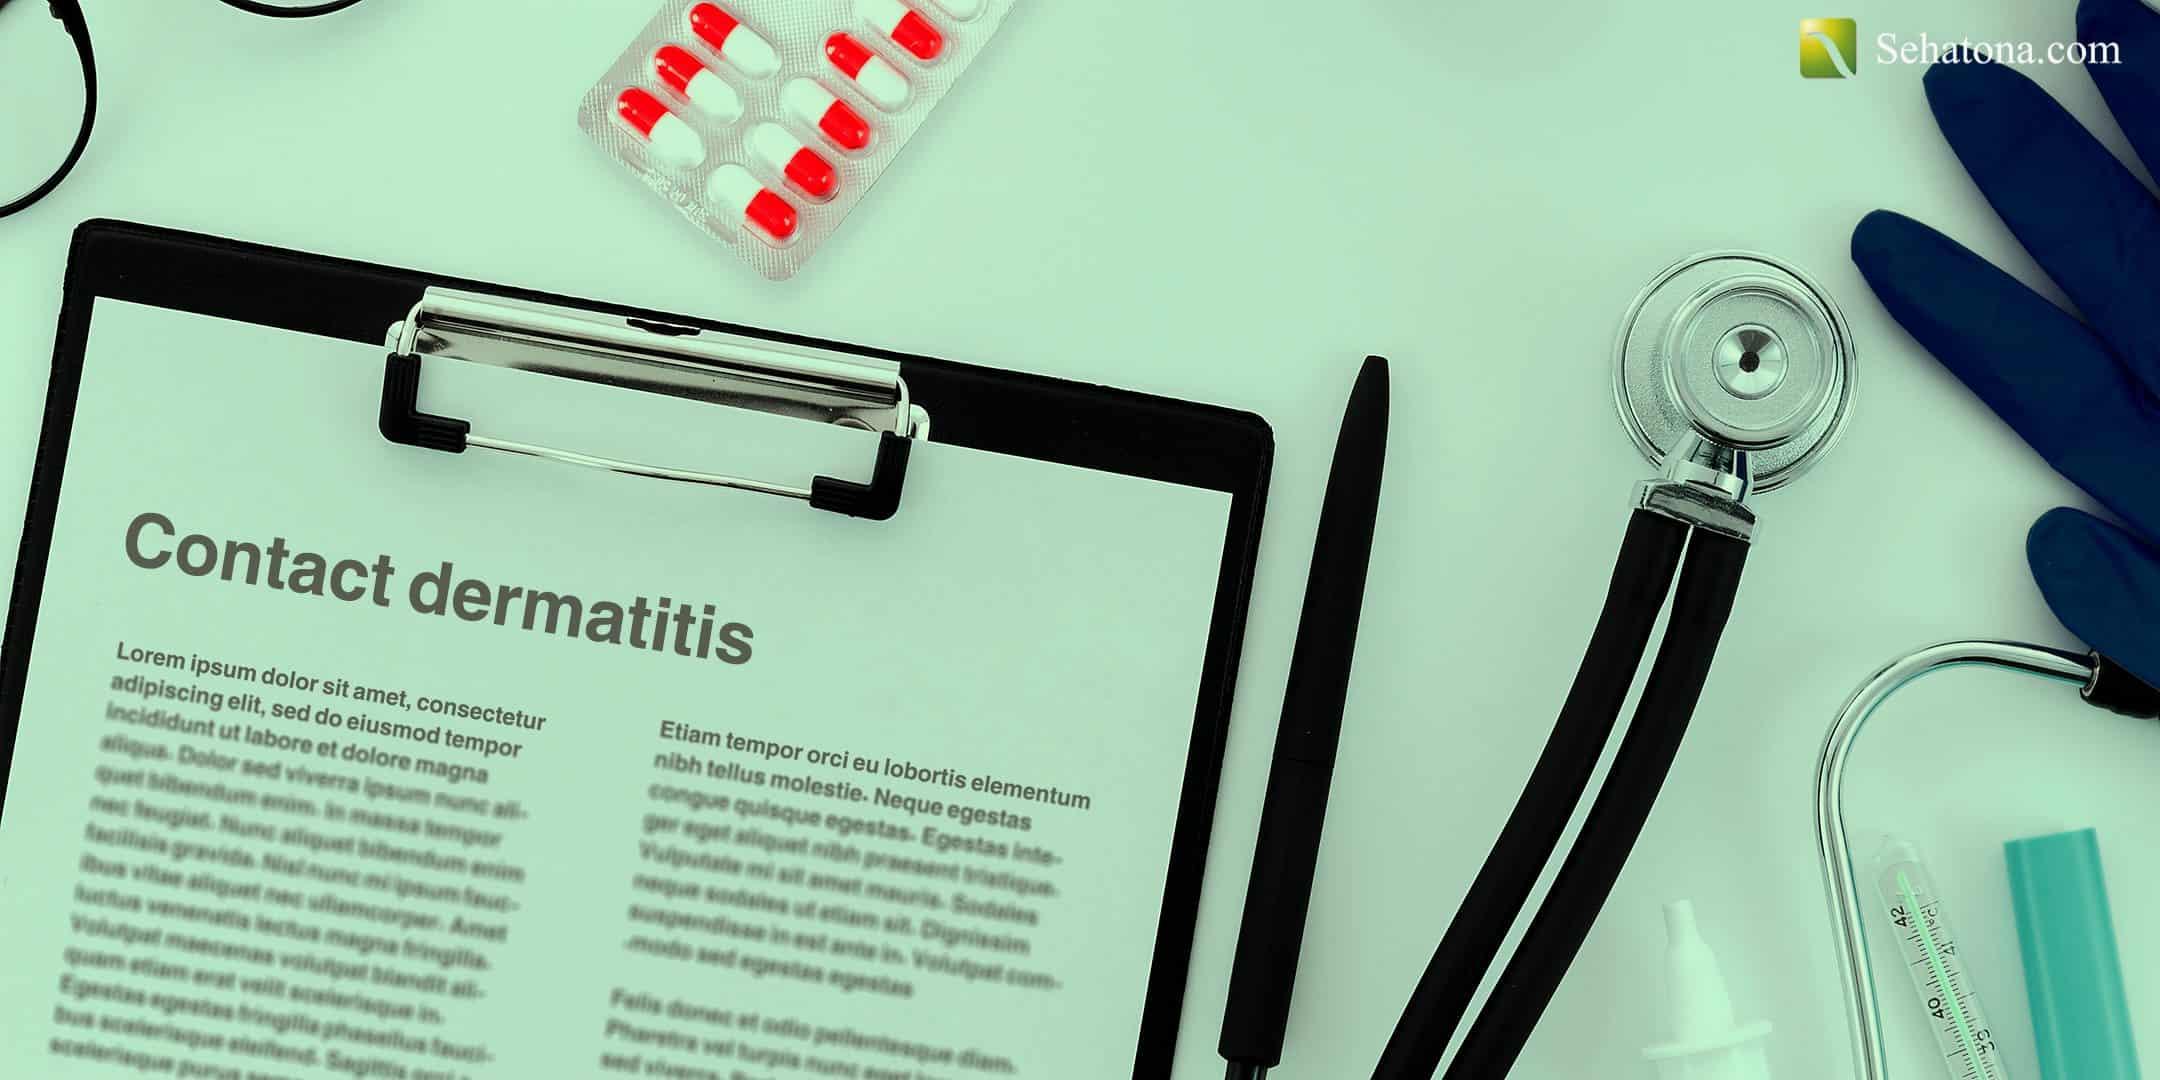 التهاب الجلد التماسي Contact dermatitis